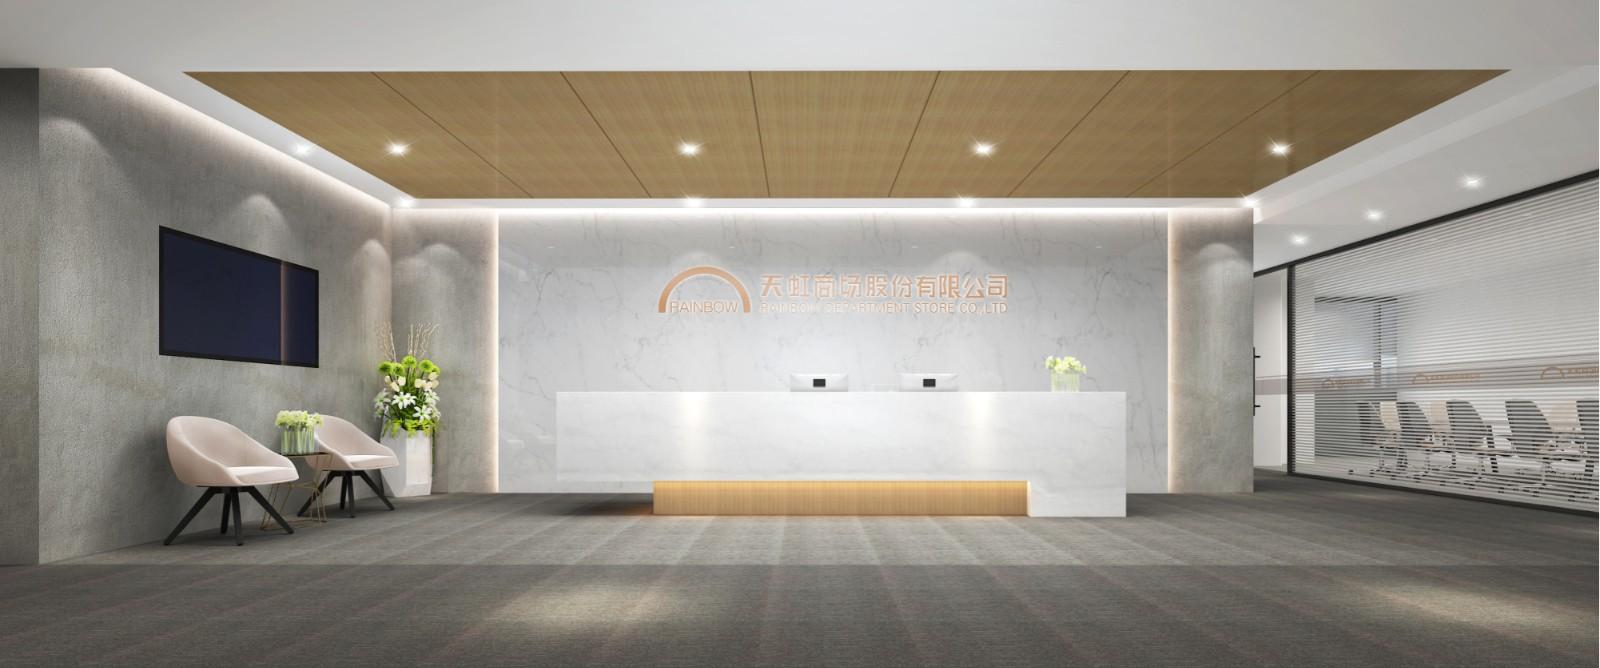 家居家装客厅_家装防水涂料相关-深圳市唯创装饰设计工程有限公司